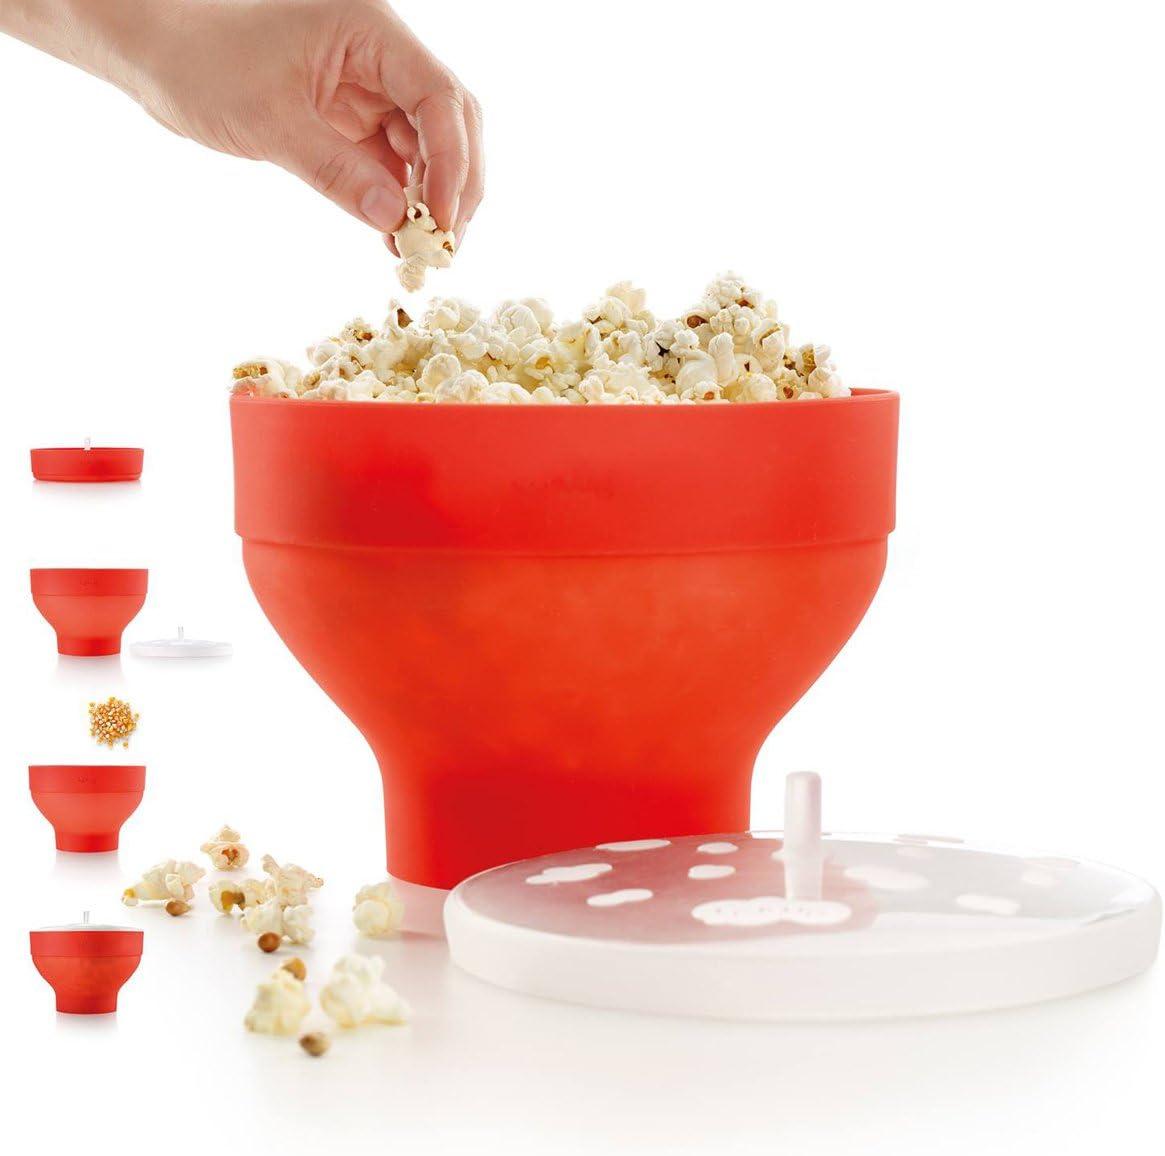 fabricant de pop-corn en silicone bol pliable avec couvercle Richard Bergendi PoPuP Popper de pop-corn /à micro-ondes avec poign/ées pratiques